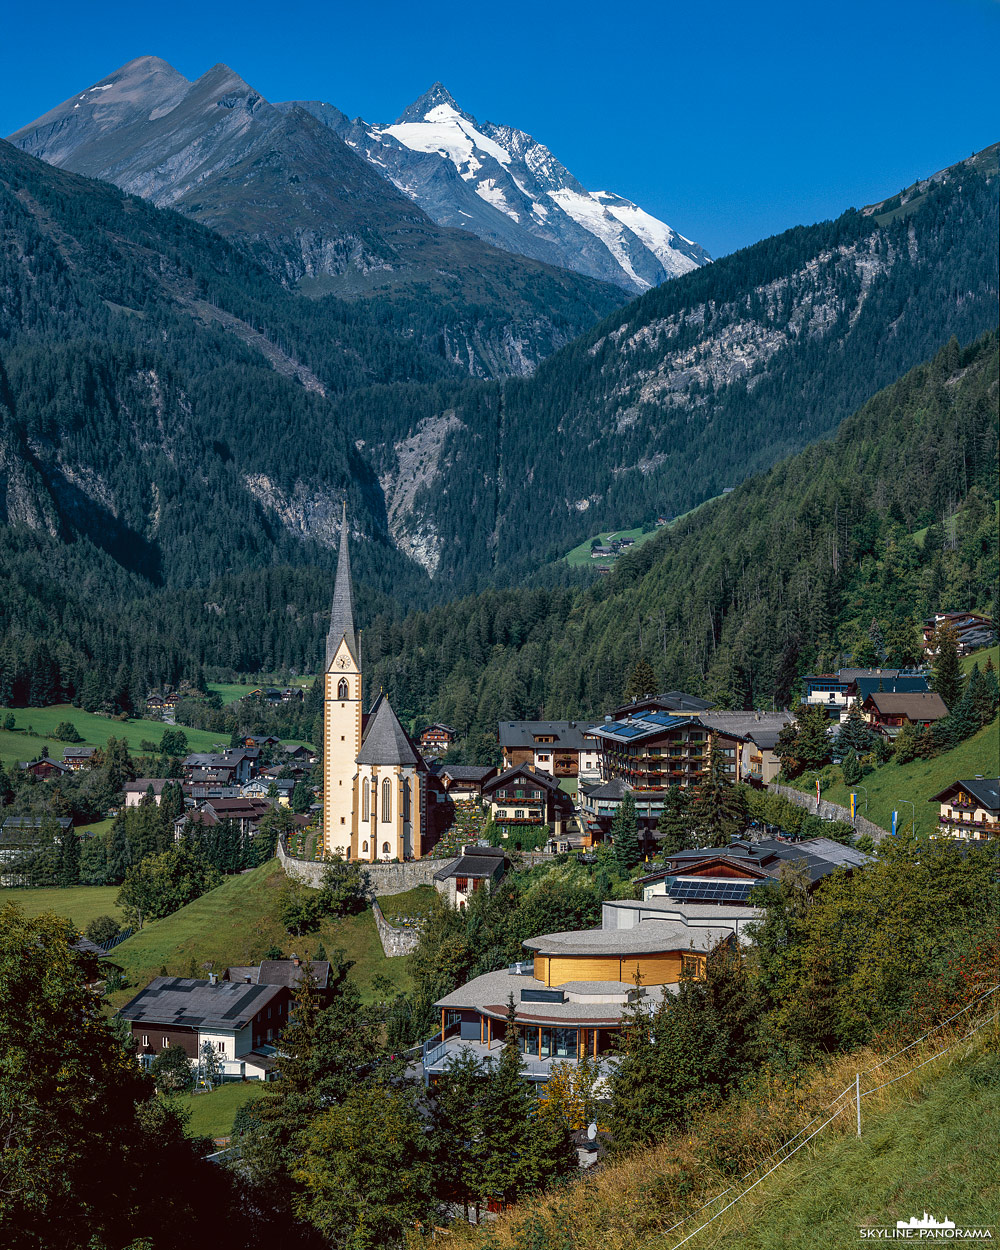 Die Gemeinde Heiligenblut mit dem beeindruckenden Blick zum Großglockner, dem höchsten Gipfel der österreichischen Alpen. Die Wallfahrtskirchen von Heiligenblut gehört zu den schönsten Sehenswürdigkeiten von Kärnten und ist auf vielen Postkarten aus der Region abgebildet.